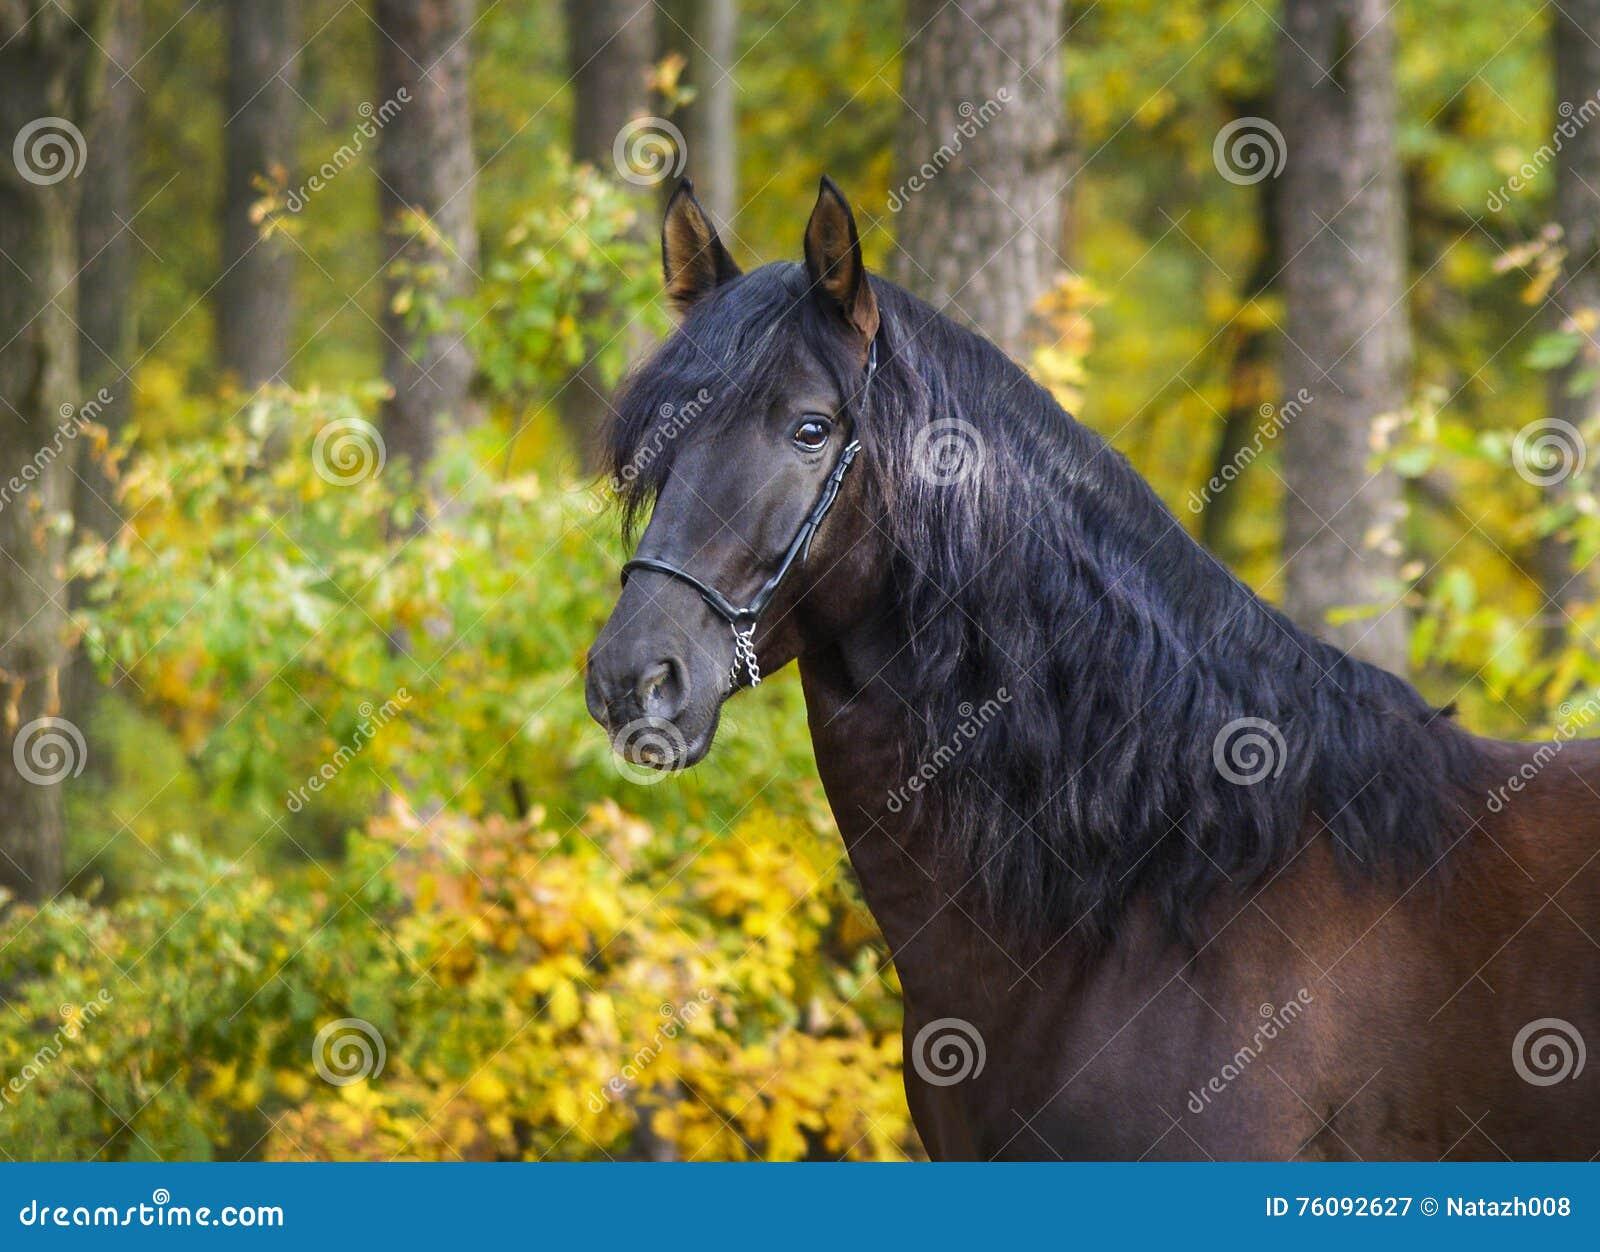 O cavalo com juba longa está estando no fundo da floresta amarela do outono